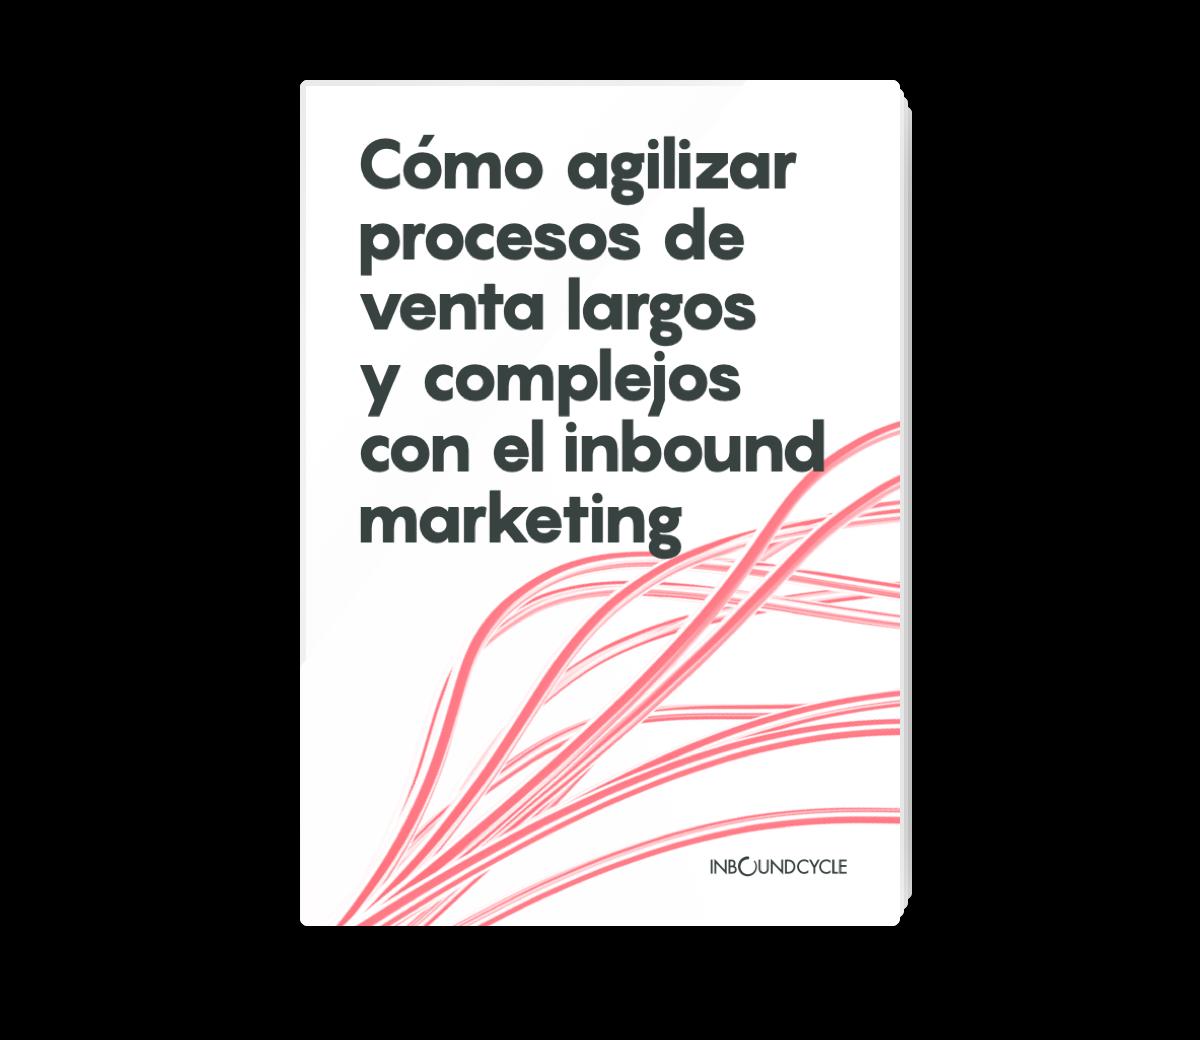 Portada - Email - Cómo agilizar procesos de venta largos y complejos con el inbound marketing